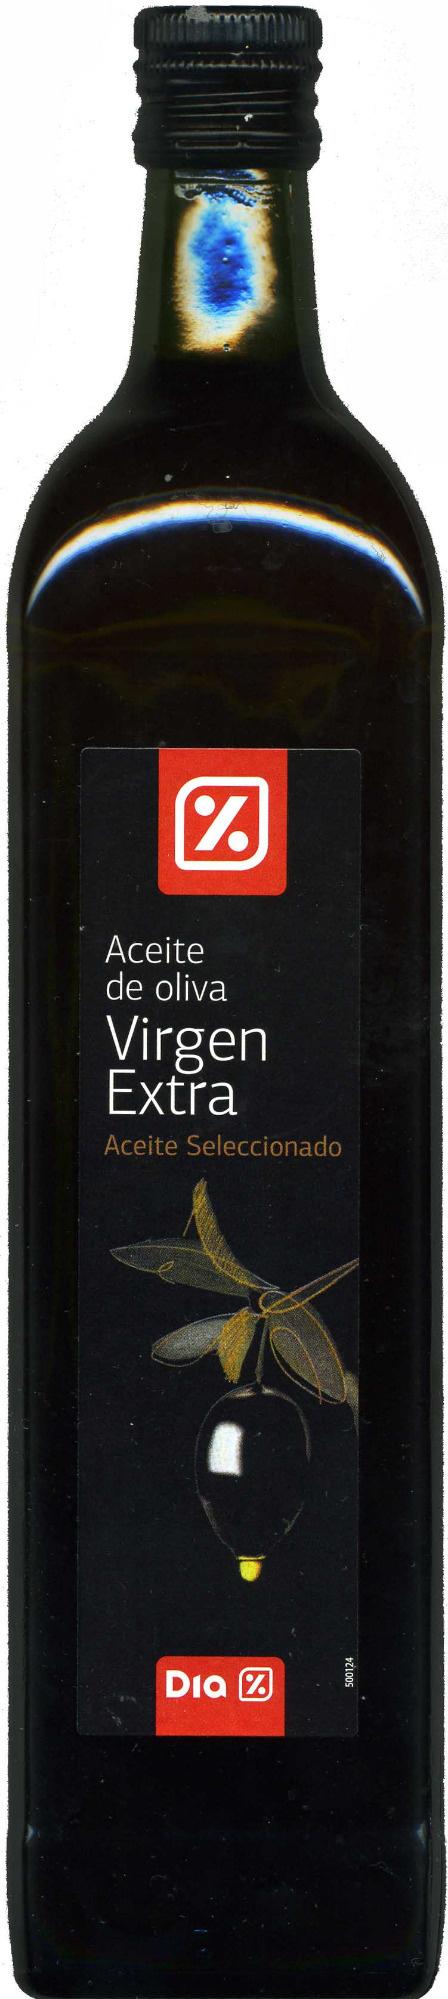 """Aceite de oliva virgen extra """"Dia"""" - Product - es"""